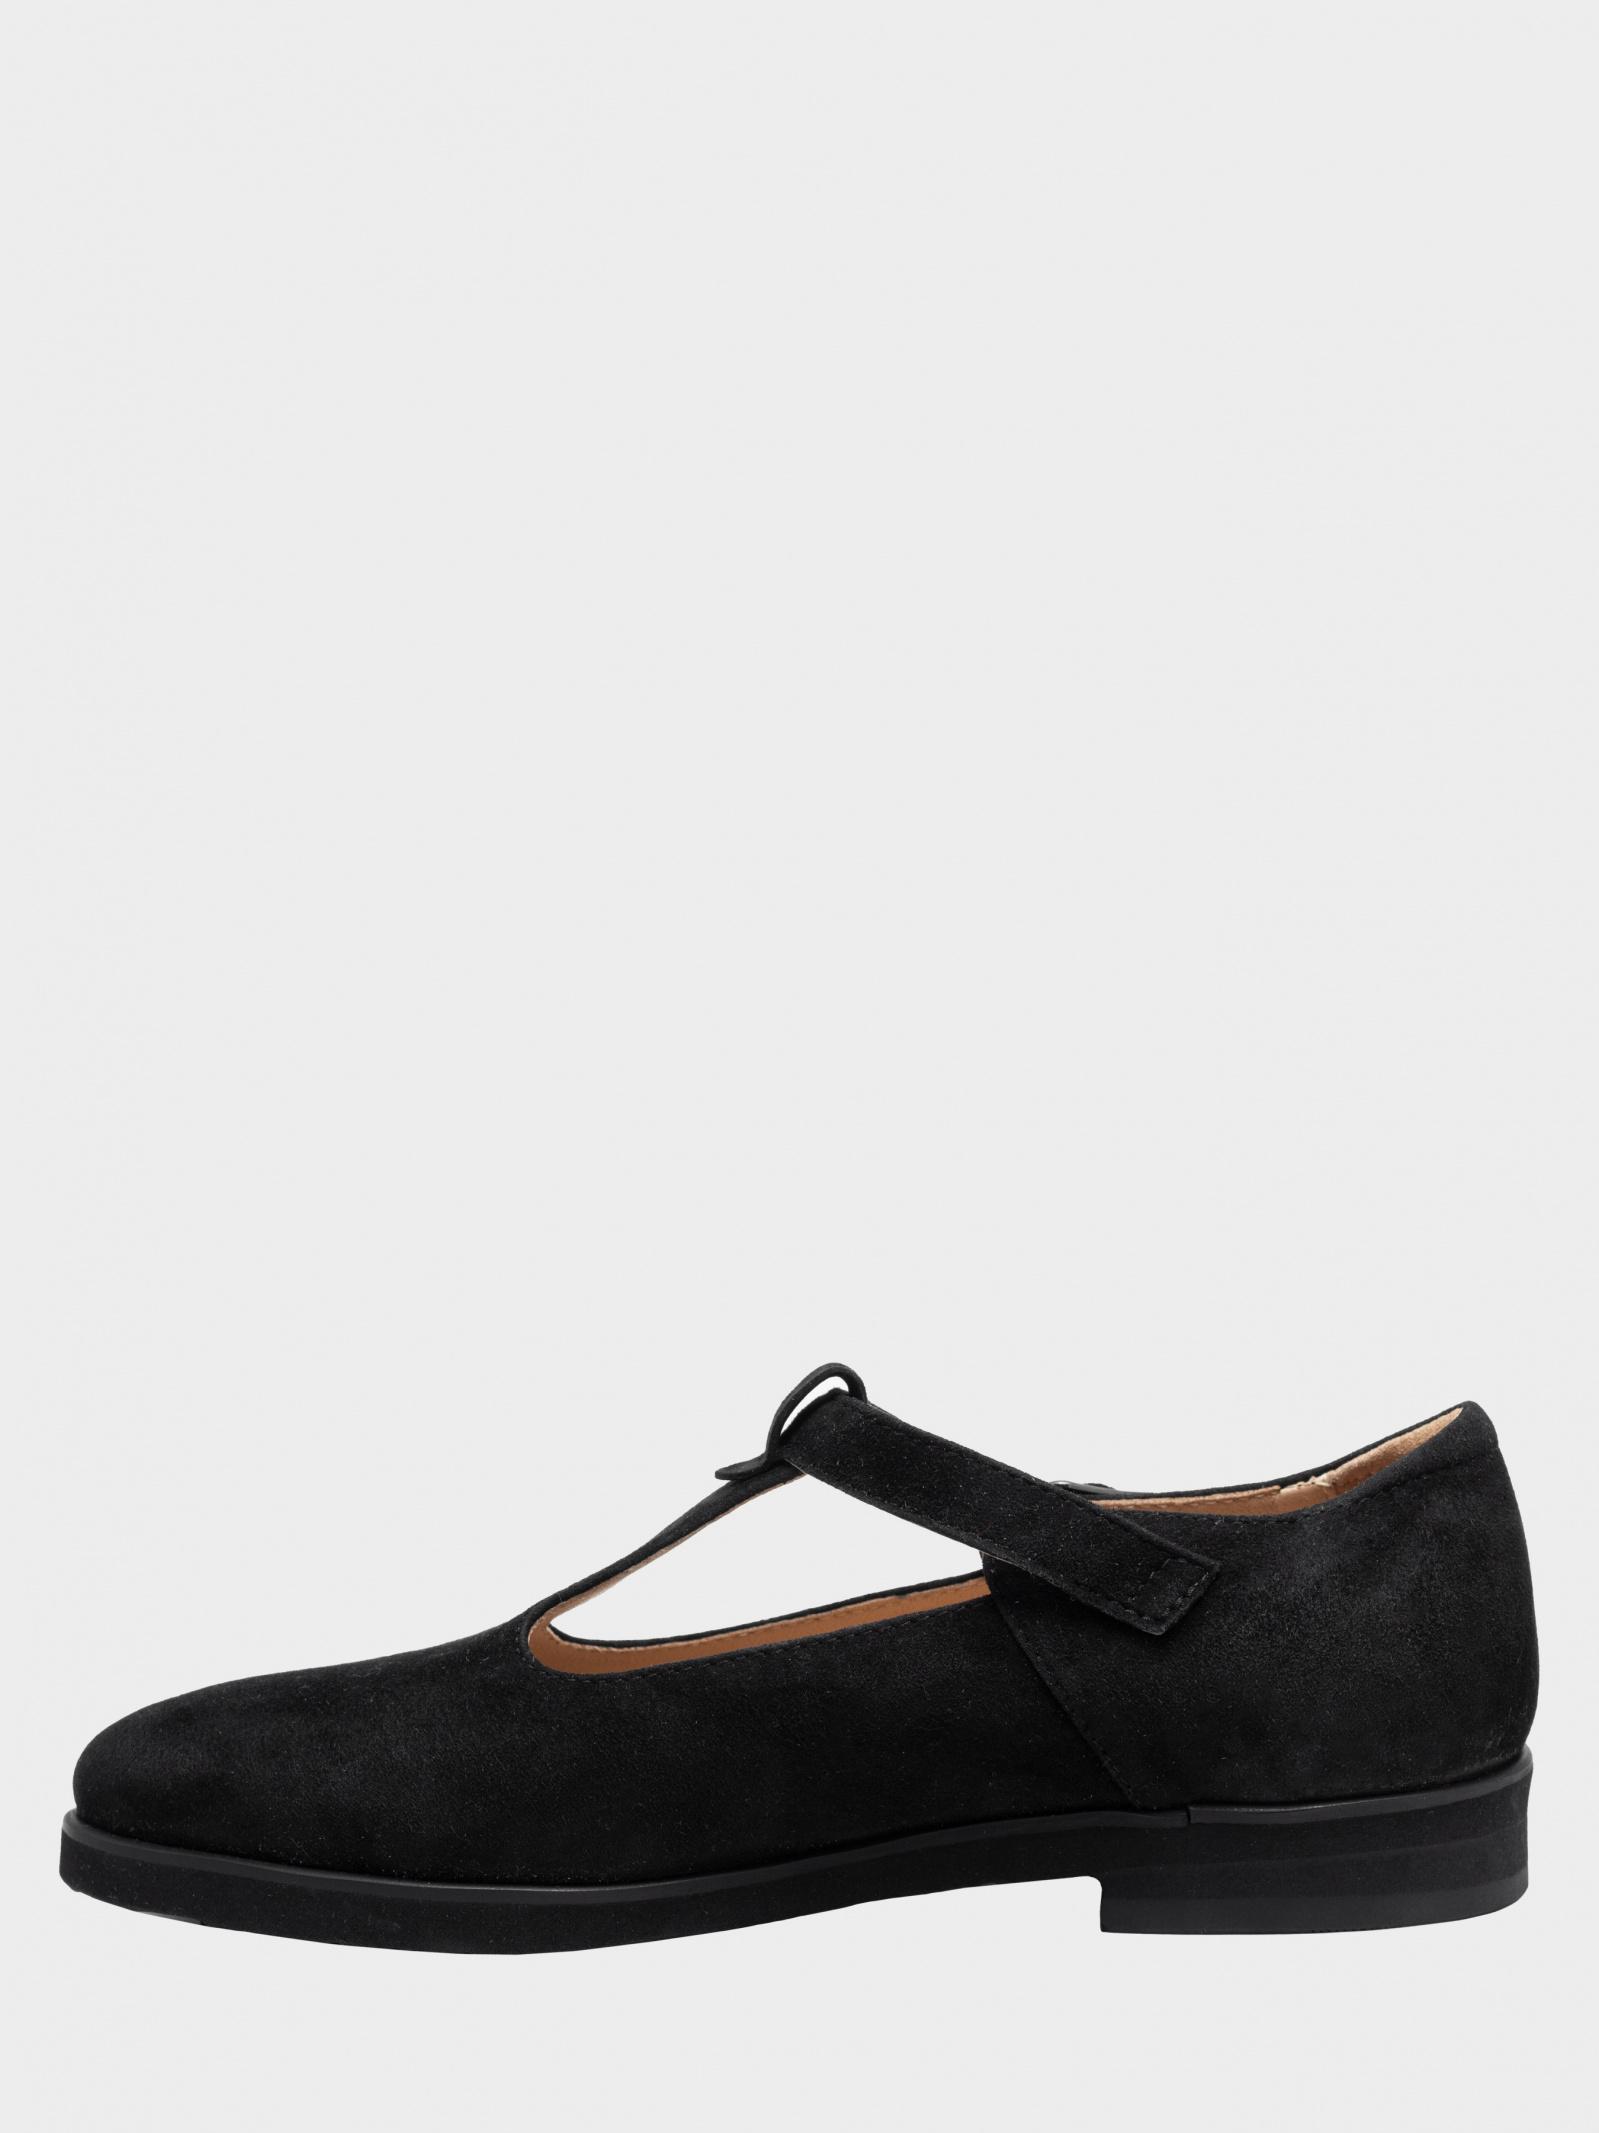 Туфлі  жіночі Enzo Verratti 18-7331-4b замовити, 2017